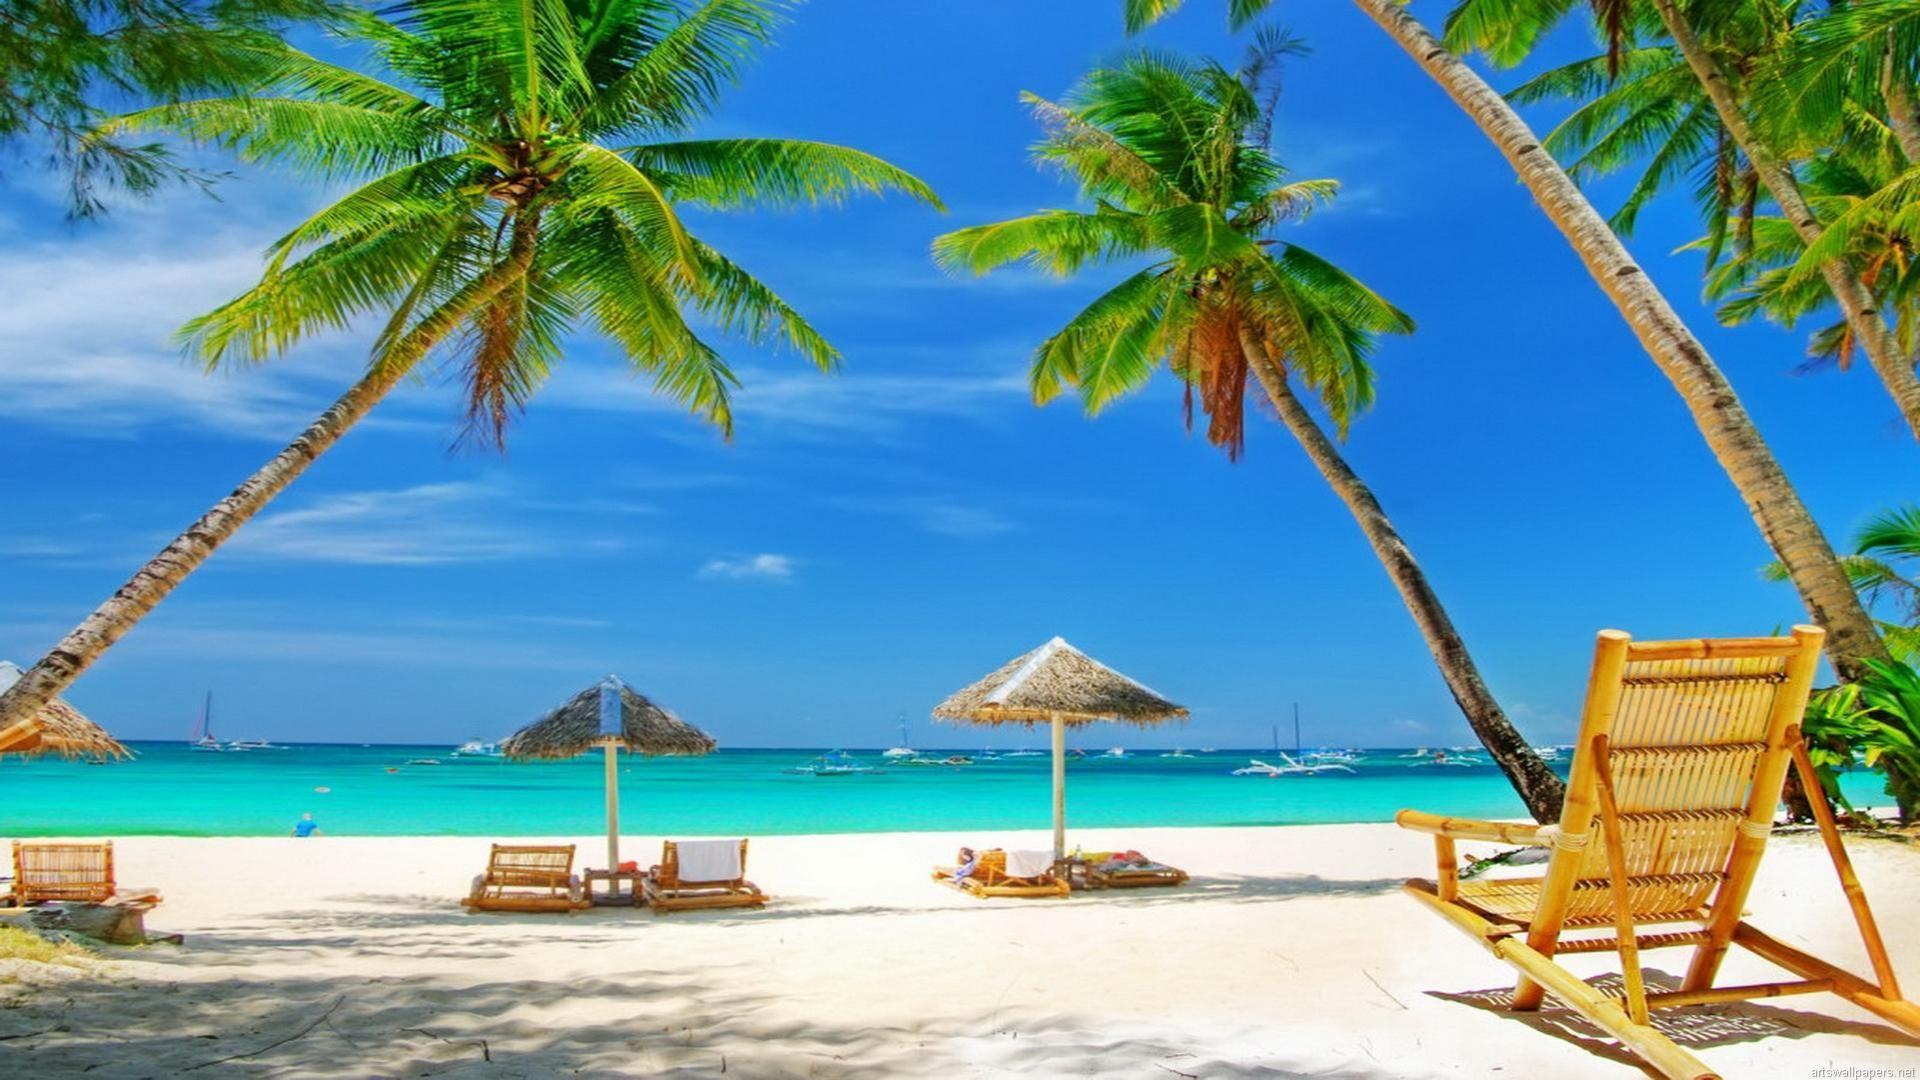 Caribbean download wallpaper image